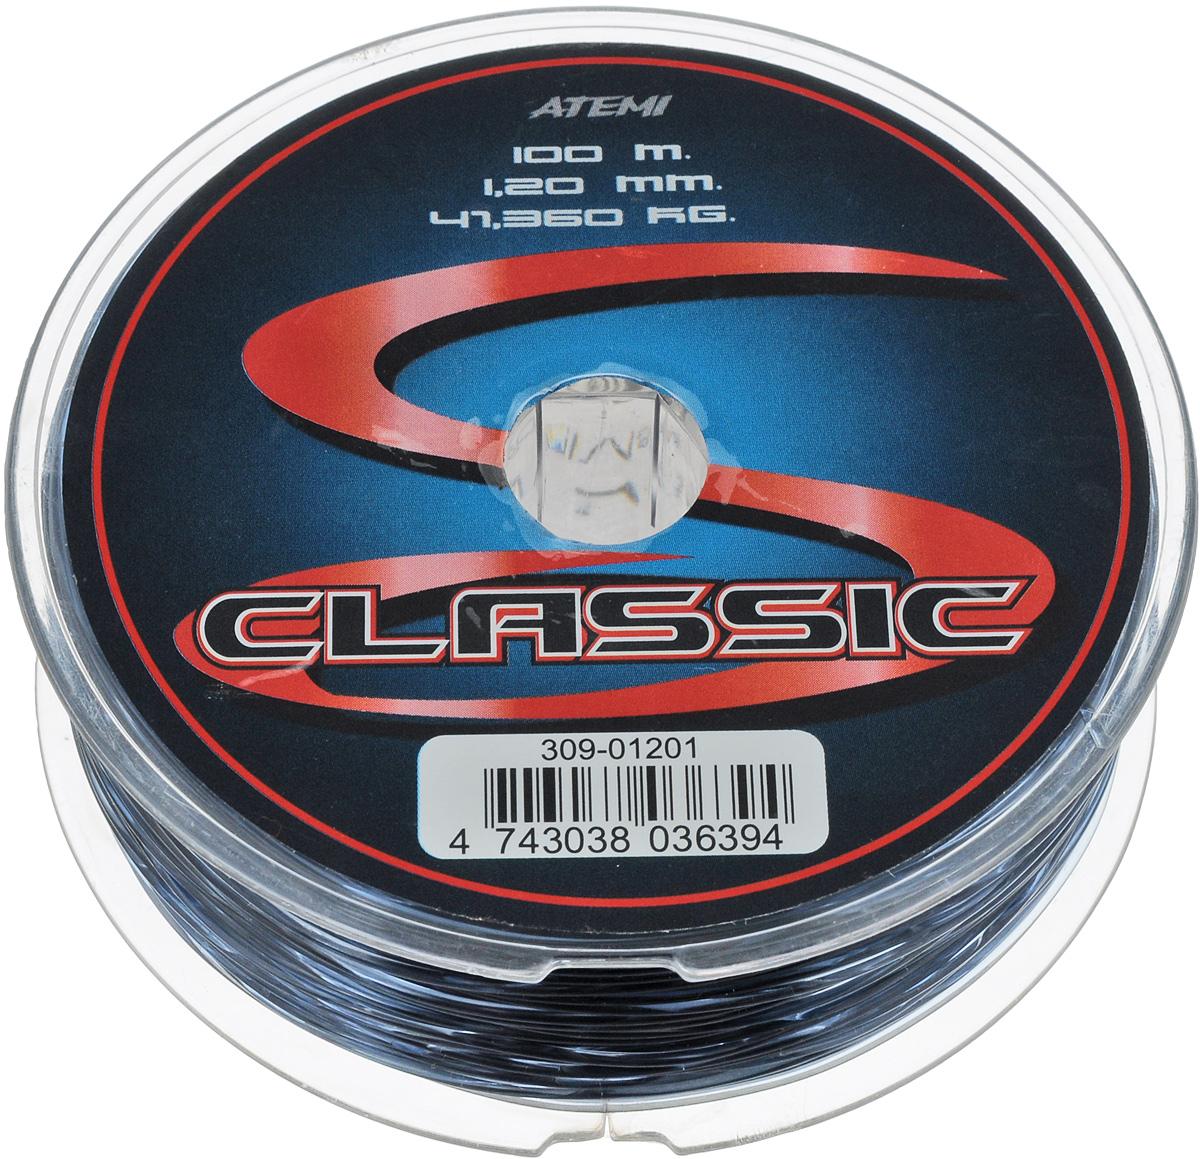 Леска Atemi Classic Line, 100 м, 1,2 мм, 41,36 кг309-01201Леска Atemi Classic Line изготовлена из 100% нейлона. Новая молекулярная структура изделия отличается повышенной сопротивляемостью к разрыву, но при этом леска способна и растягиваться.